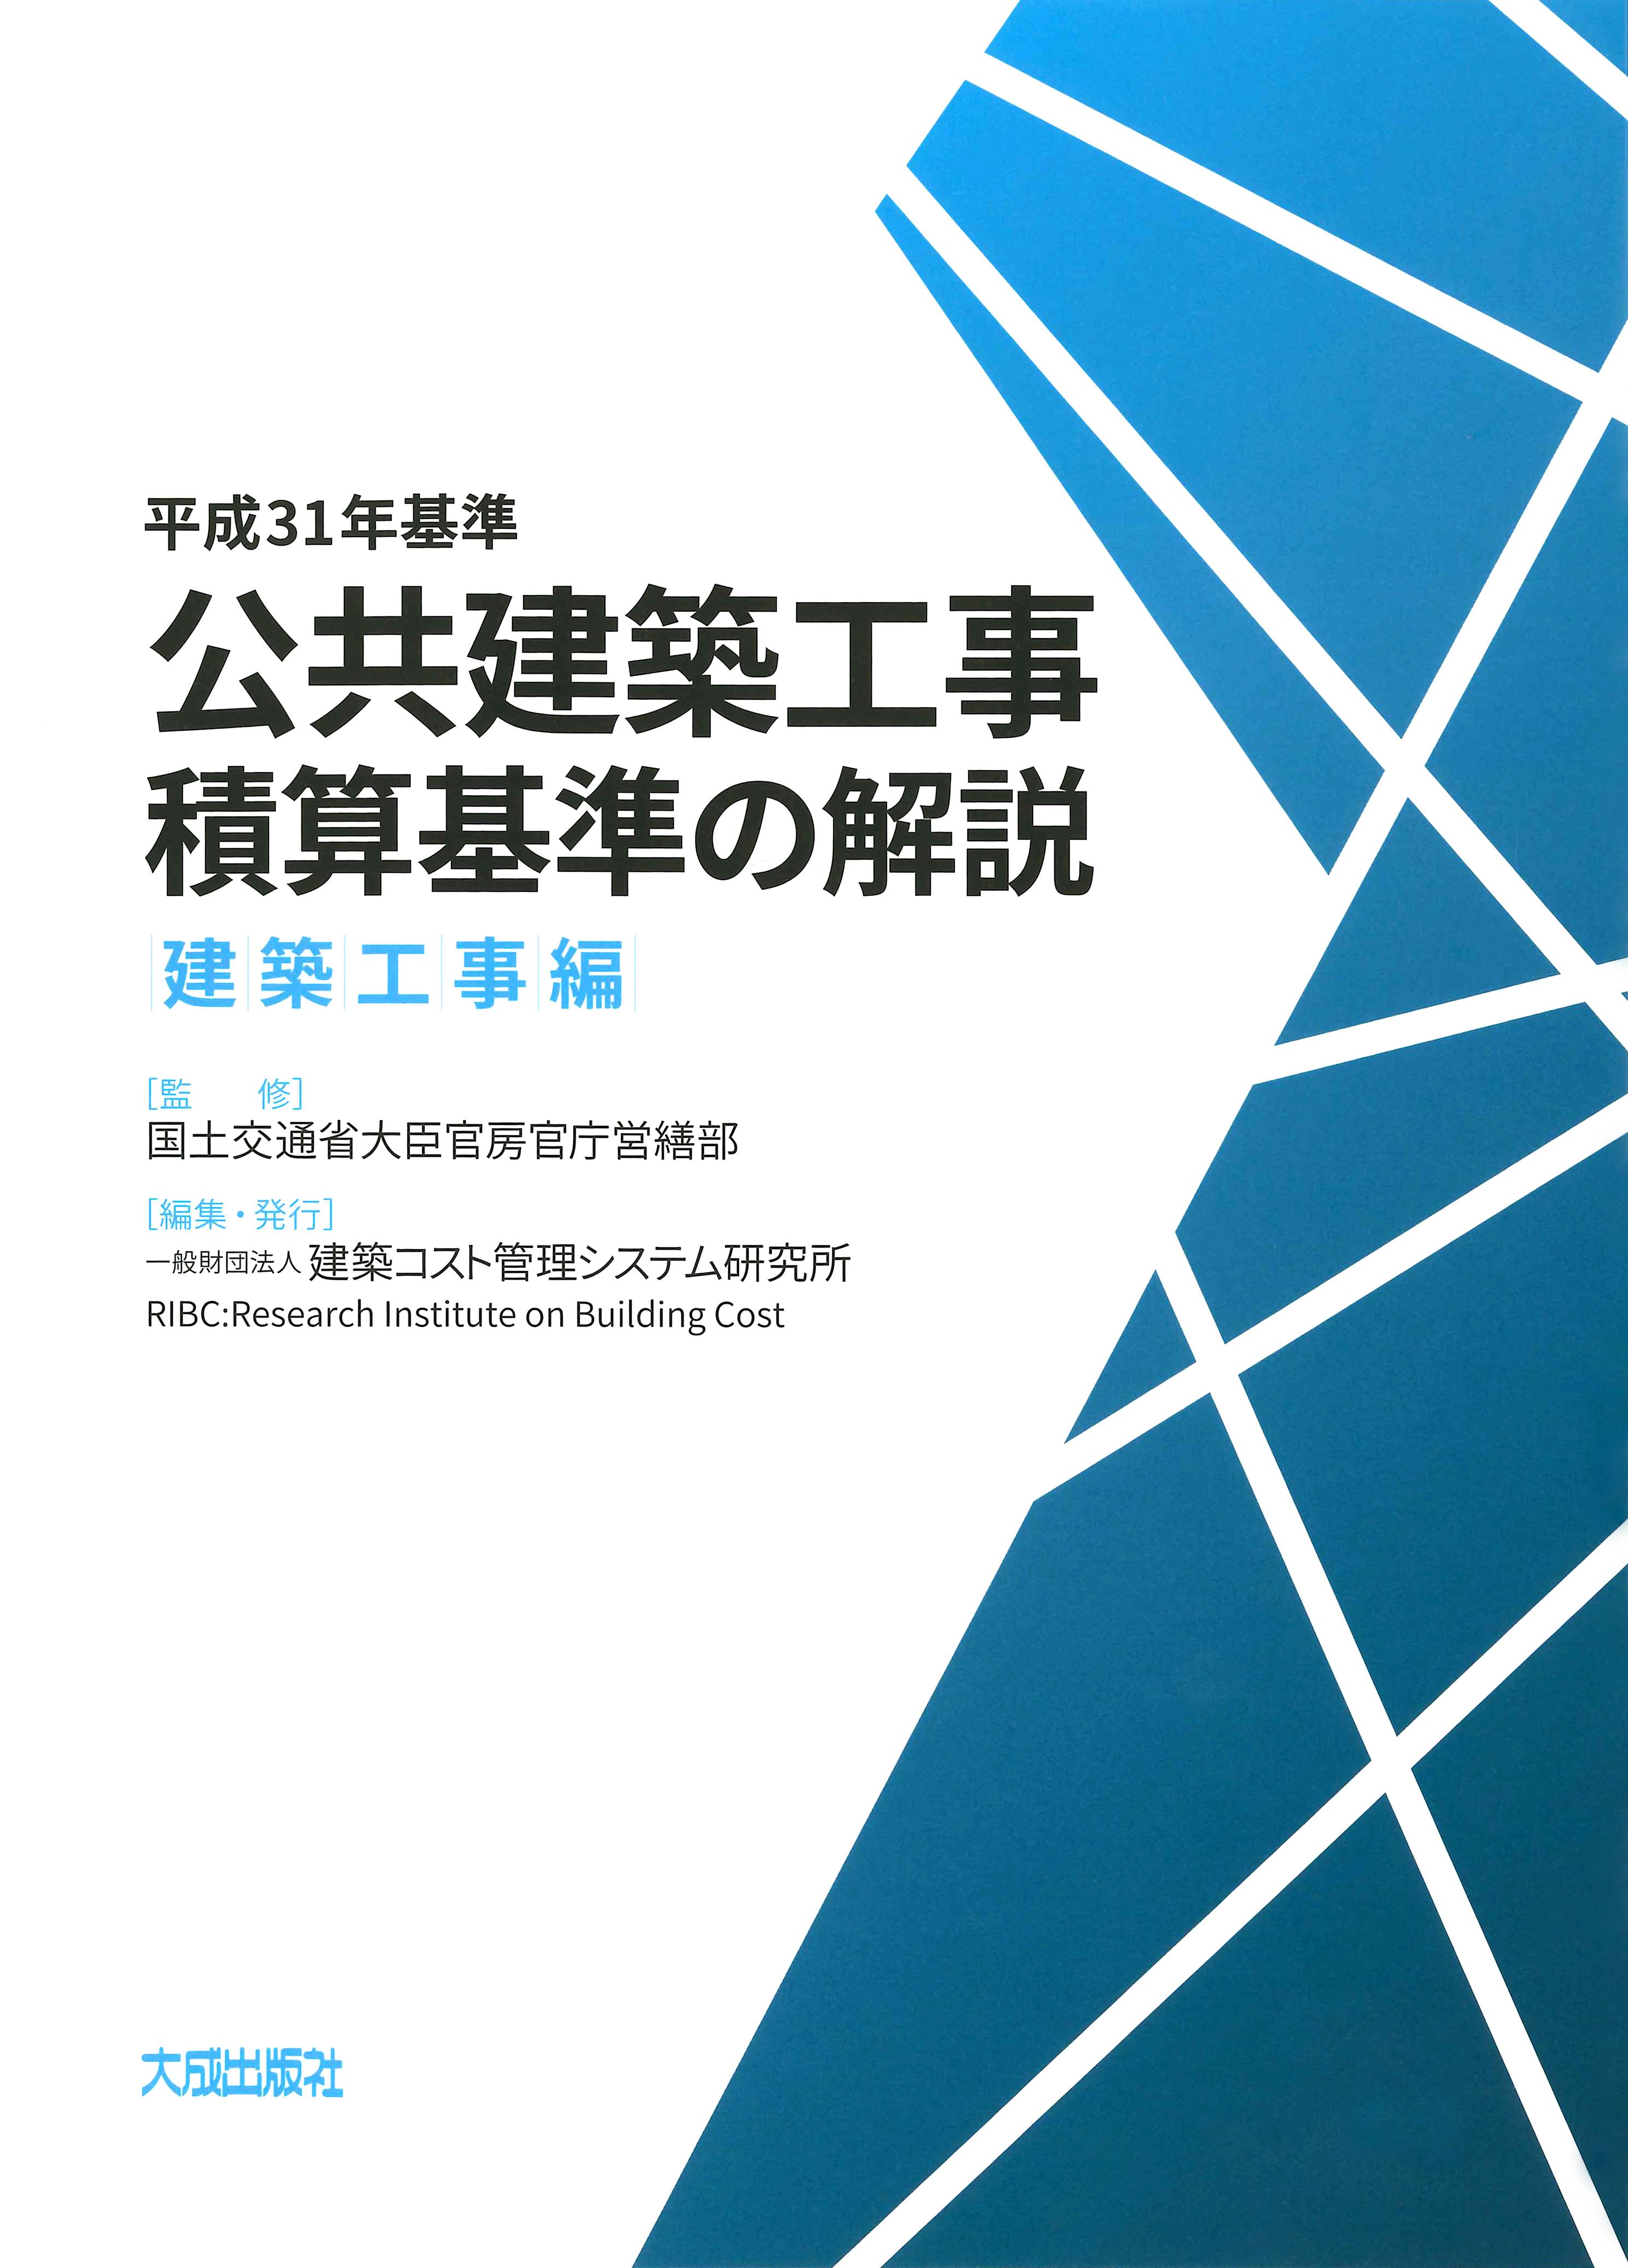 平成31年基準公共建築工事積算基準の解説 建築工事編